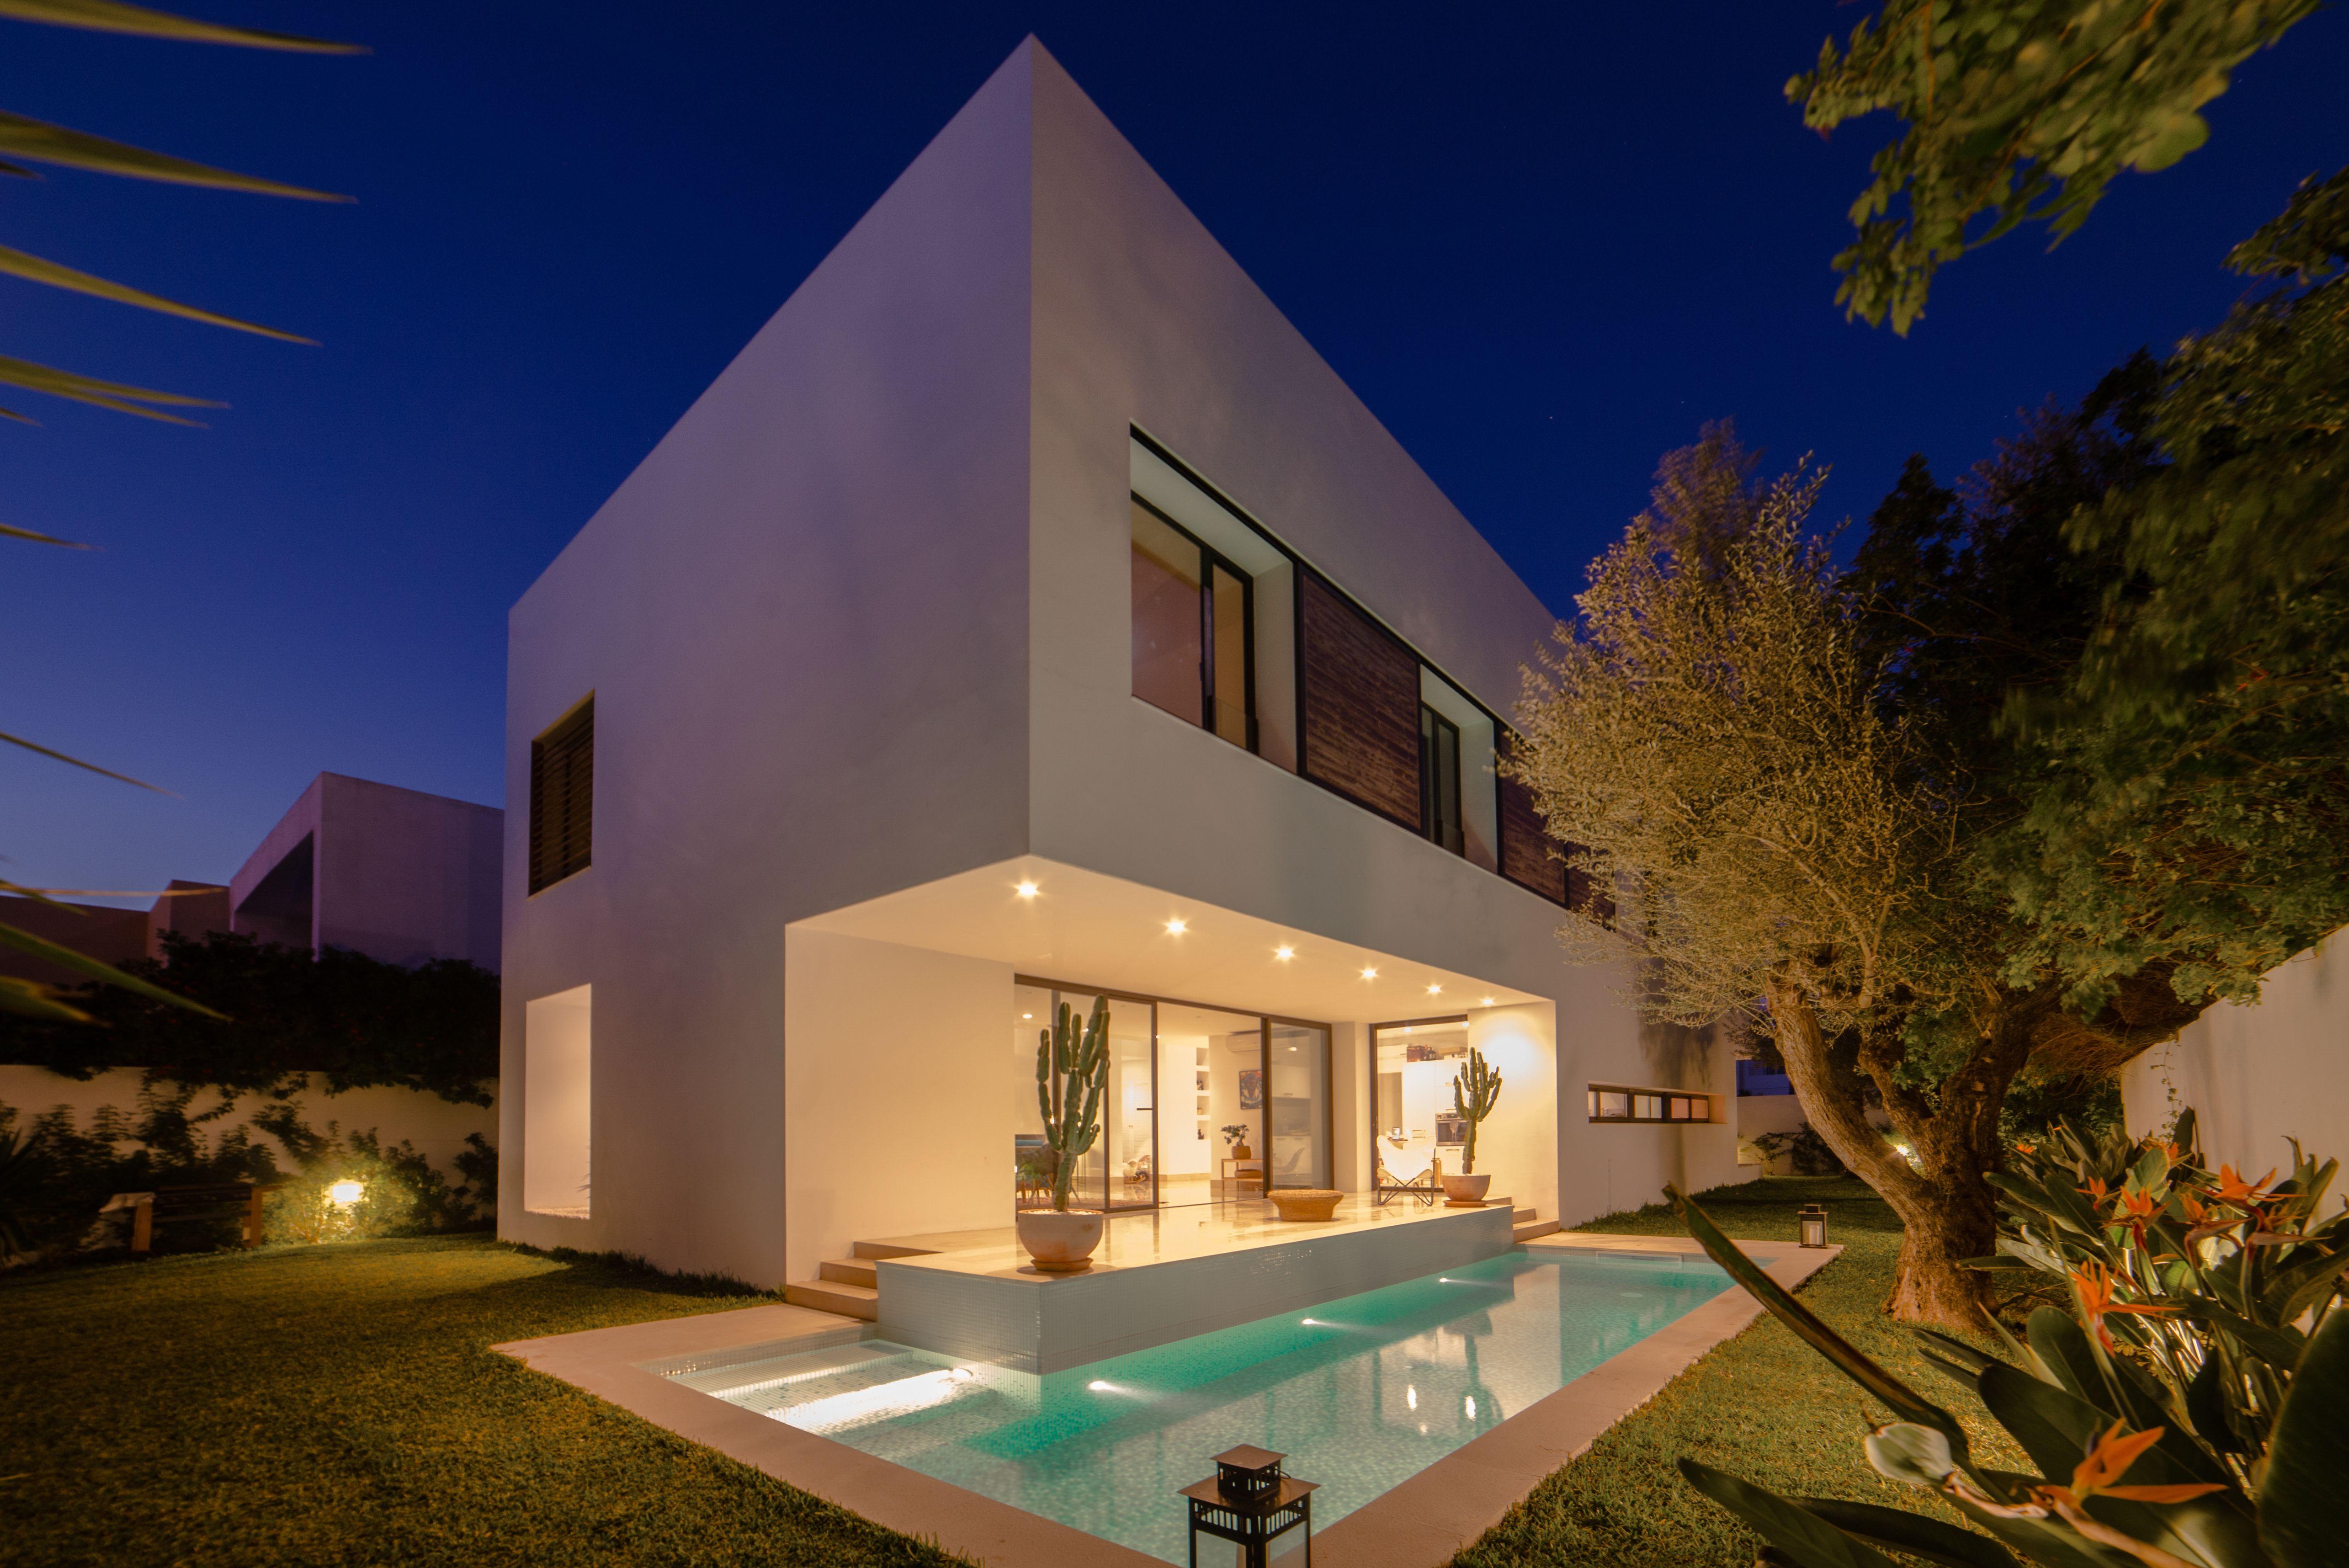 Villa Ch Gammarth Tunisie Etude 2012 Realisation 2015 2016